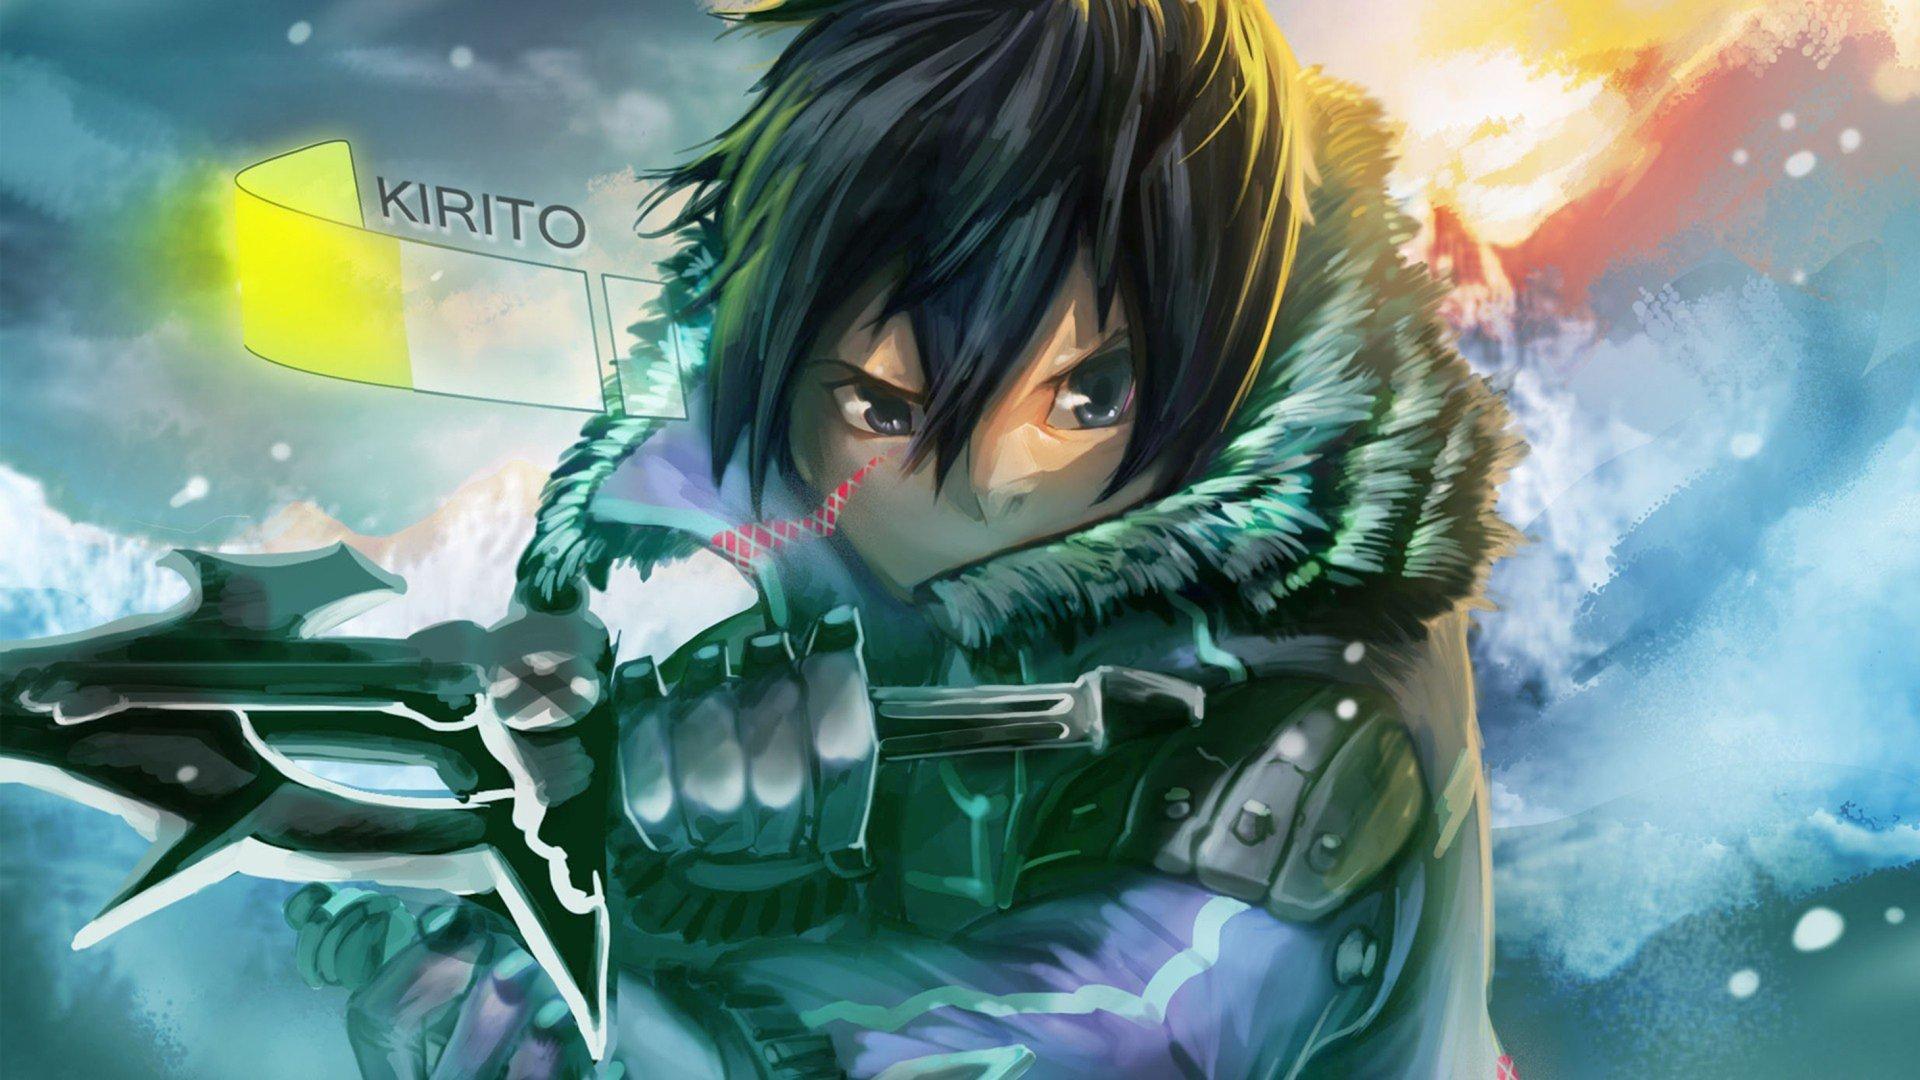 Anime - Sword Art Online  Kirito (Sword Art Online) Wallpaper